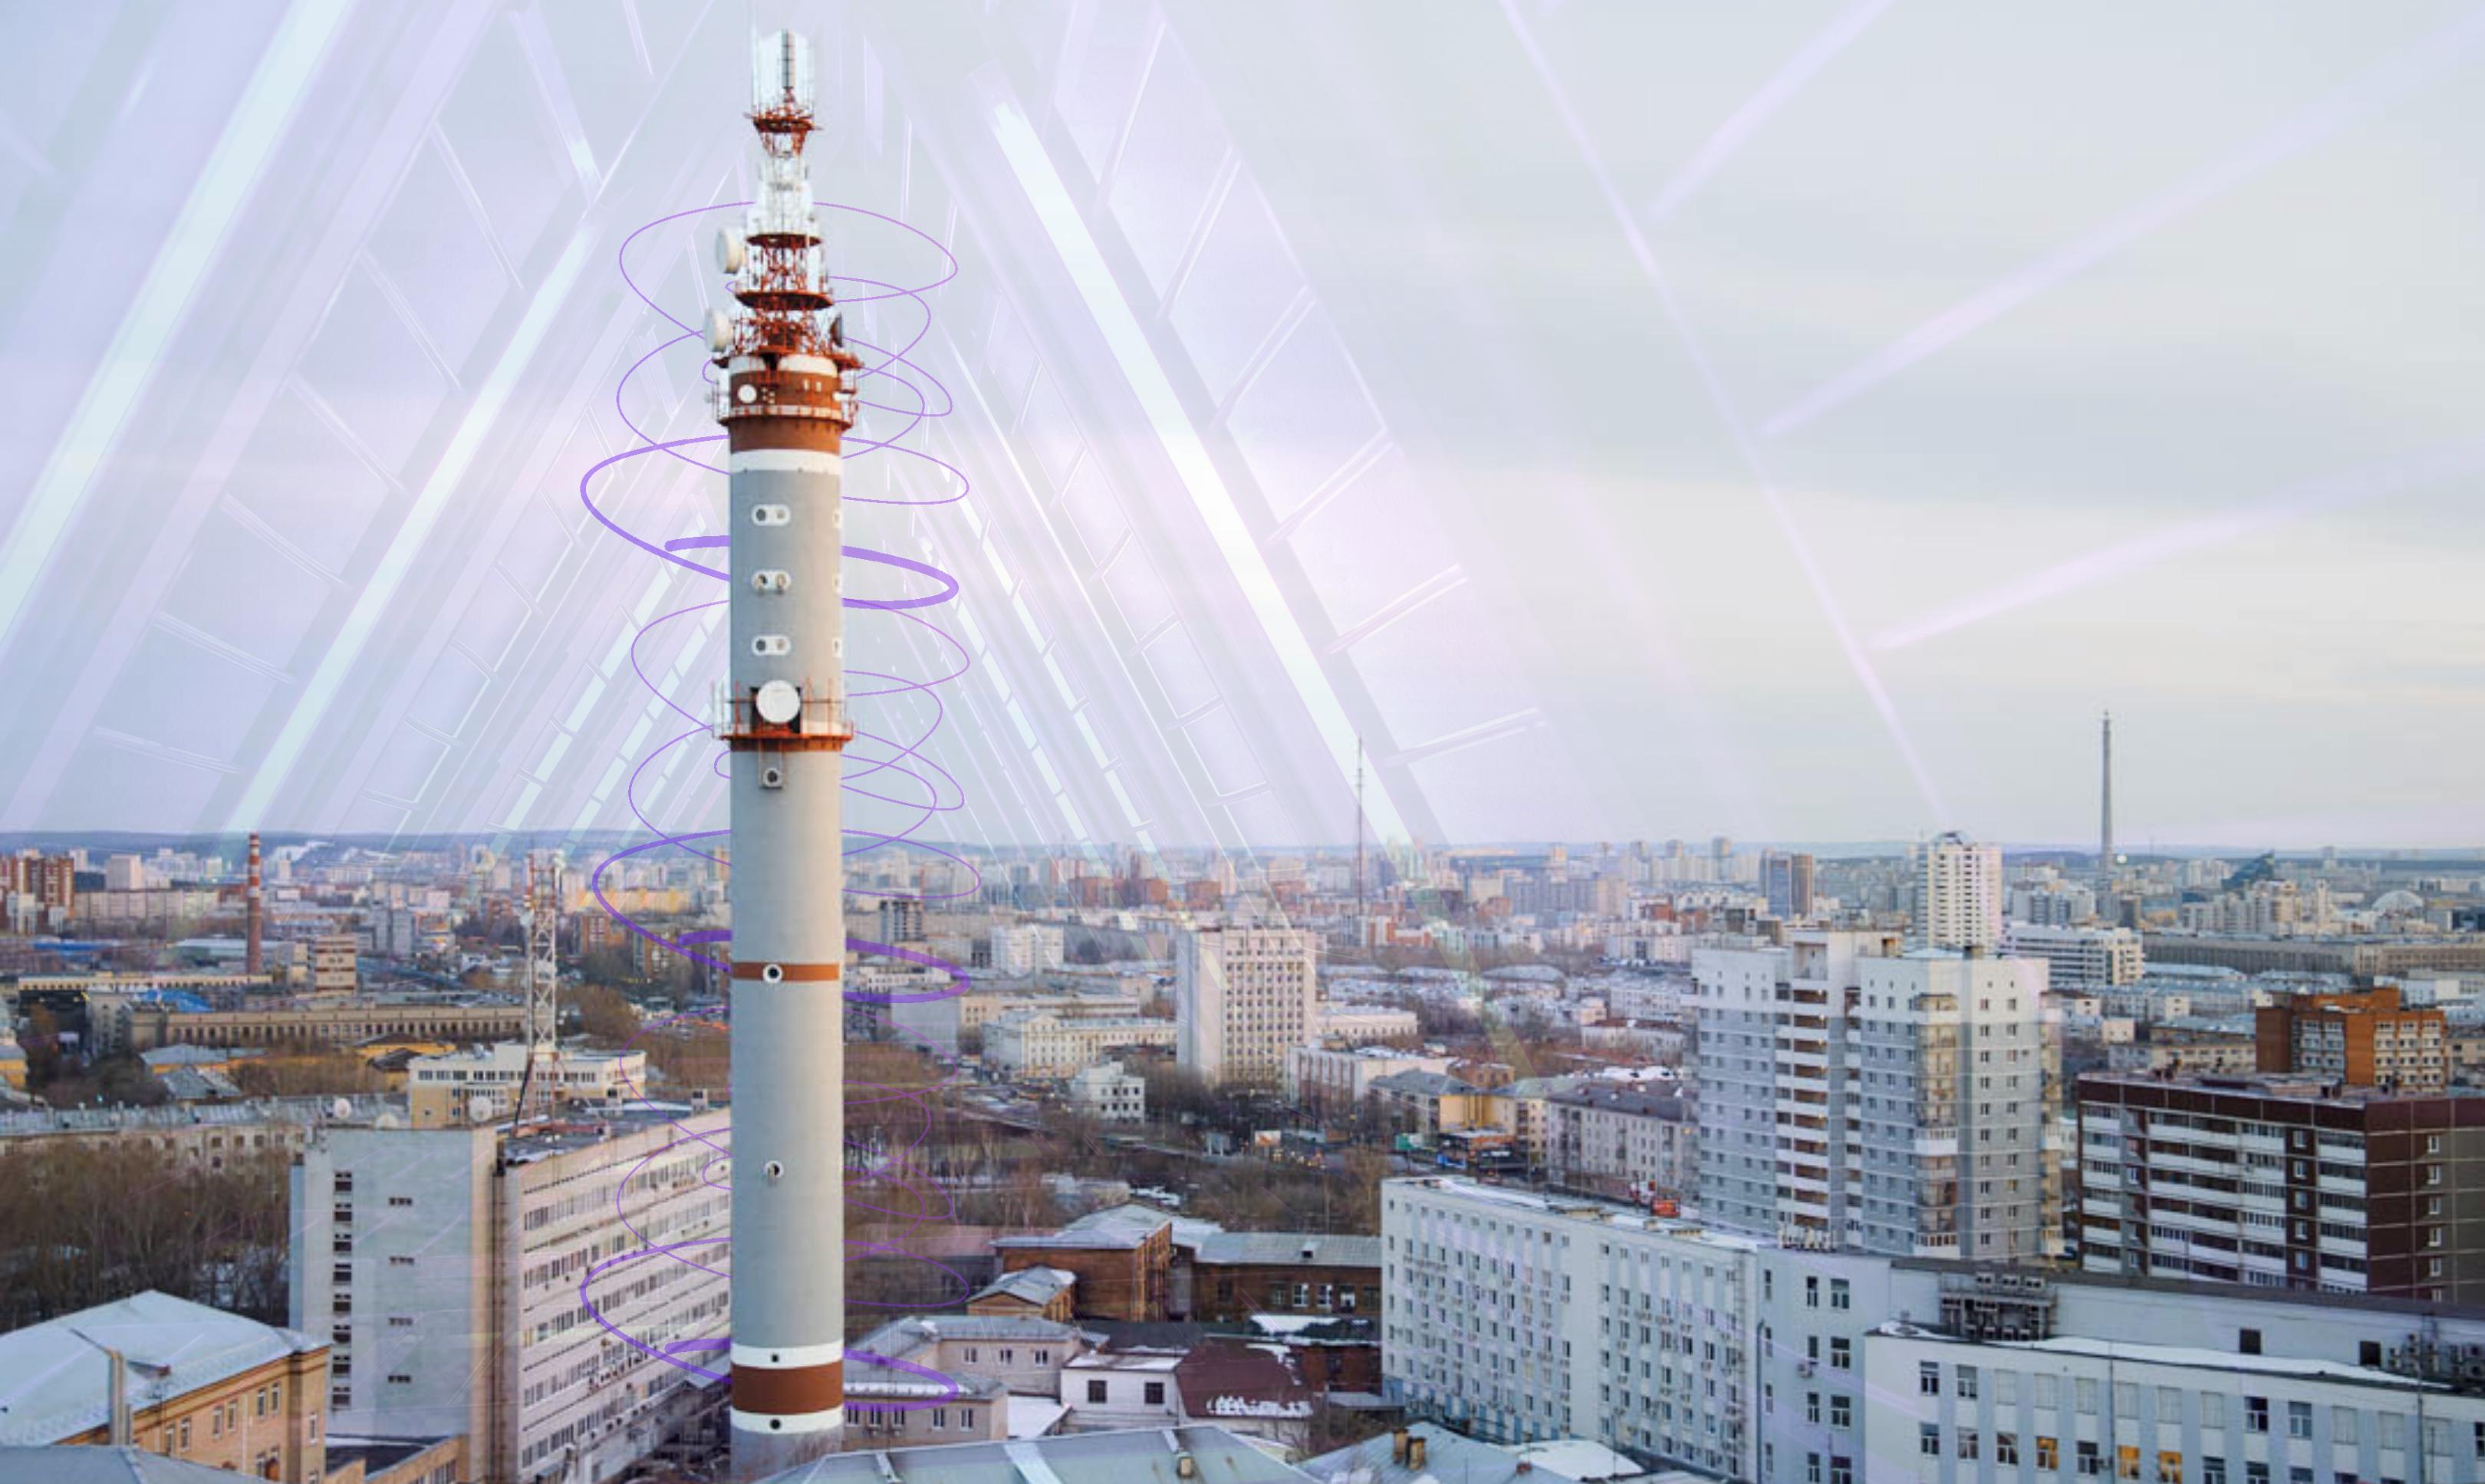 Сегодня на башне связи покажут световое шоу